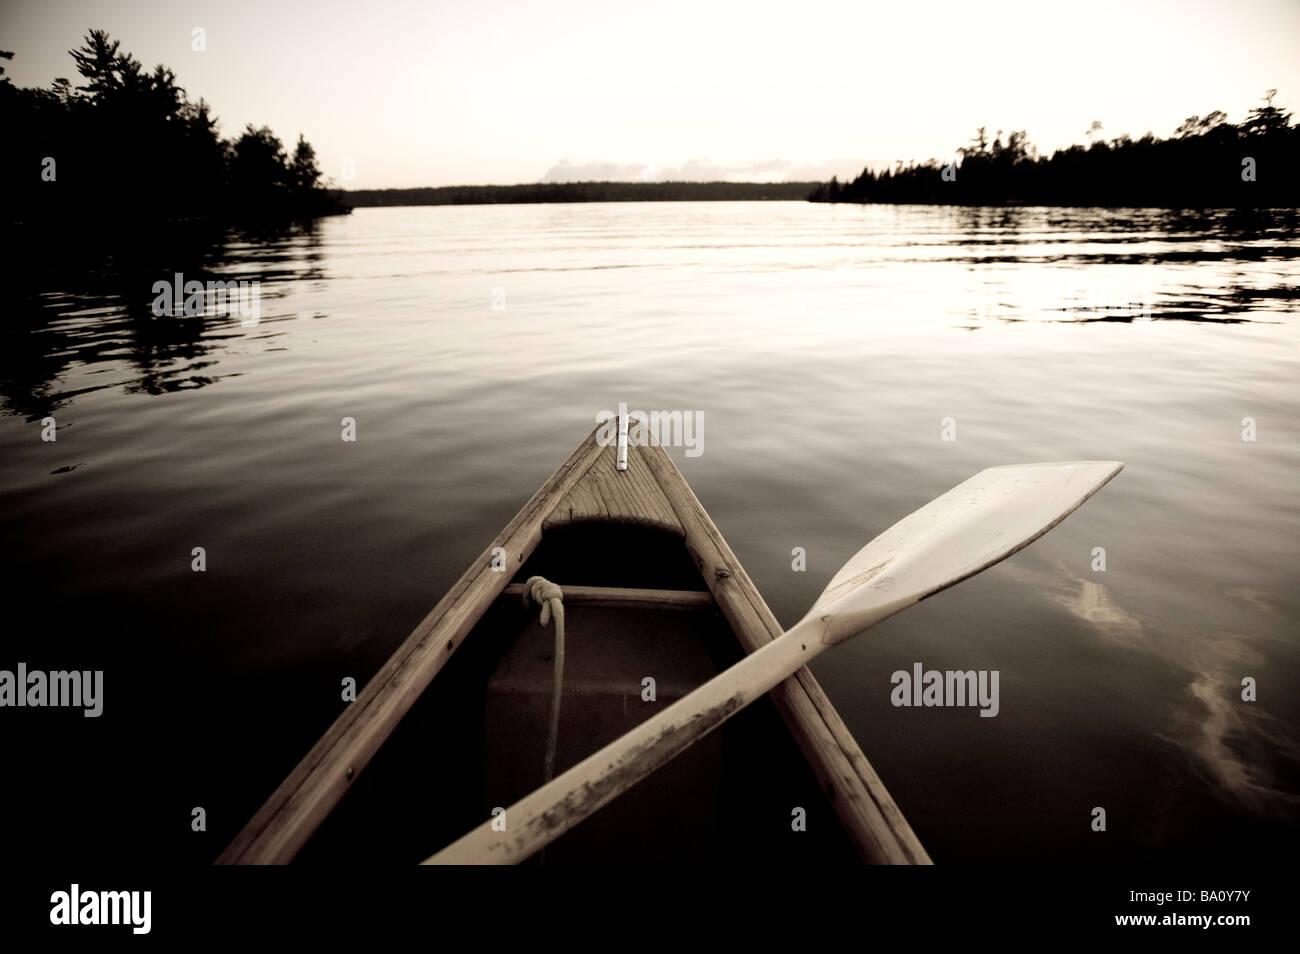 Il lago dei boschi, Ontario, Canada; barca sull'acqua Immagini Stock